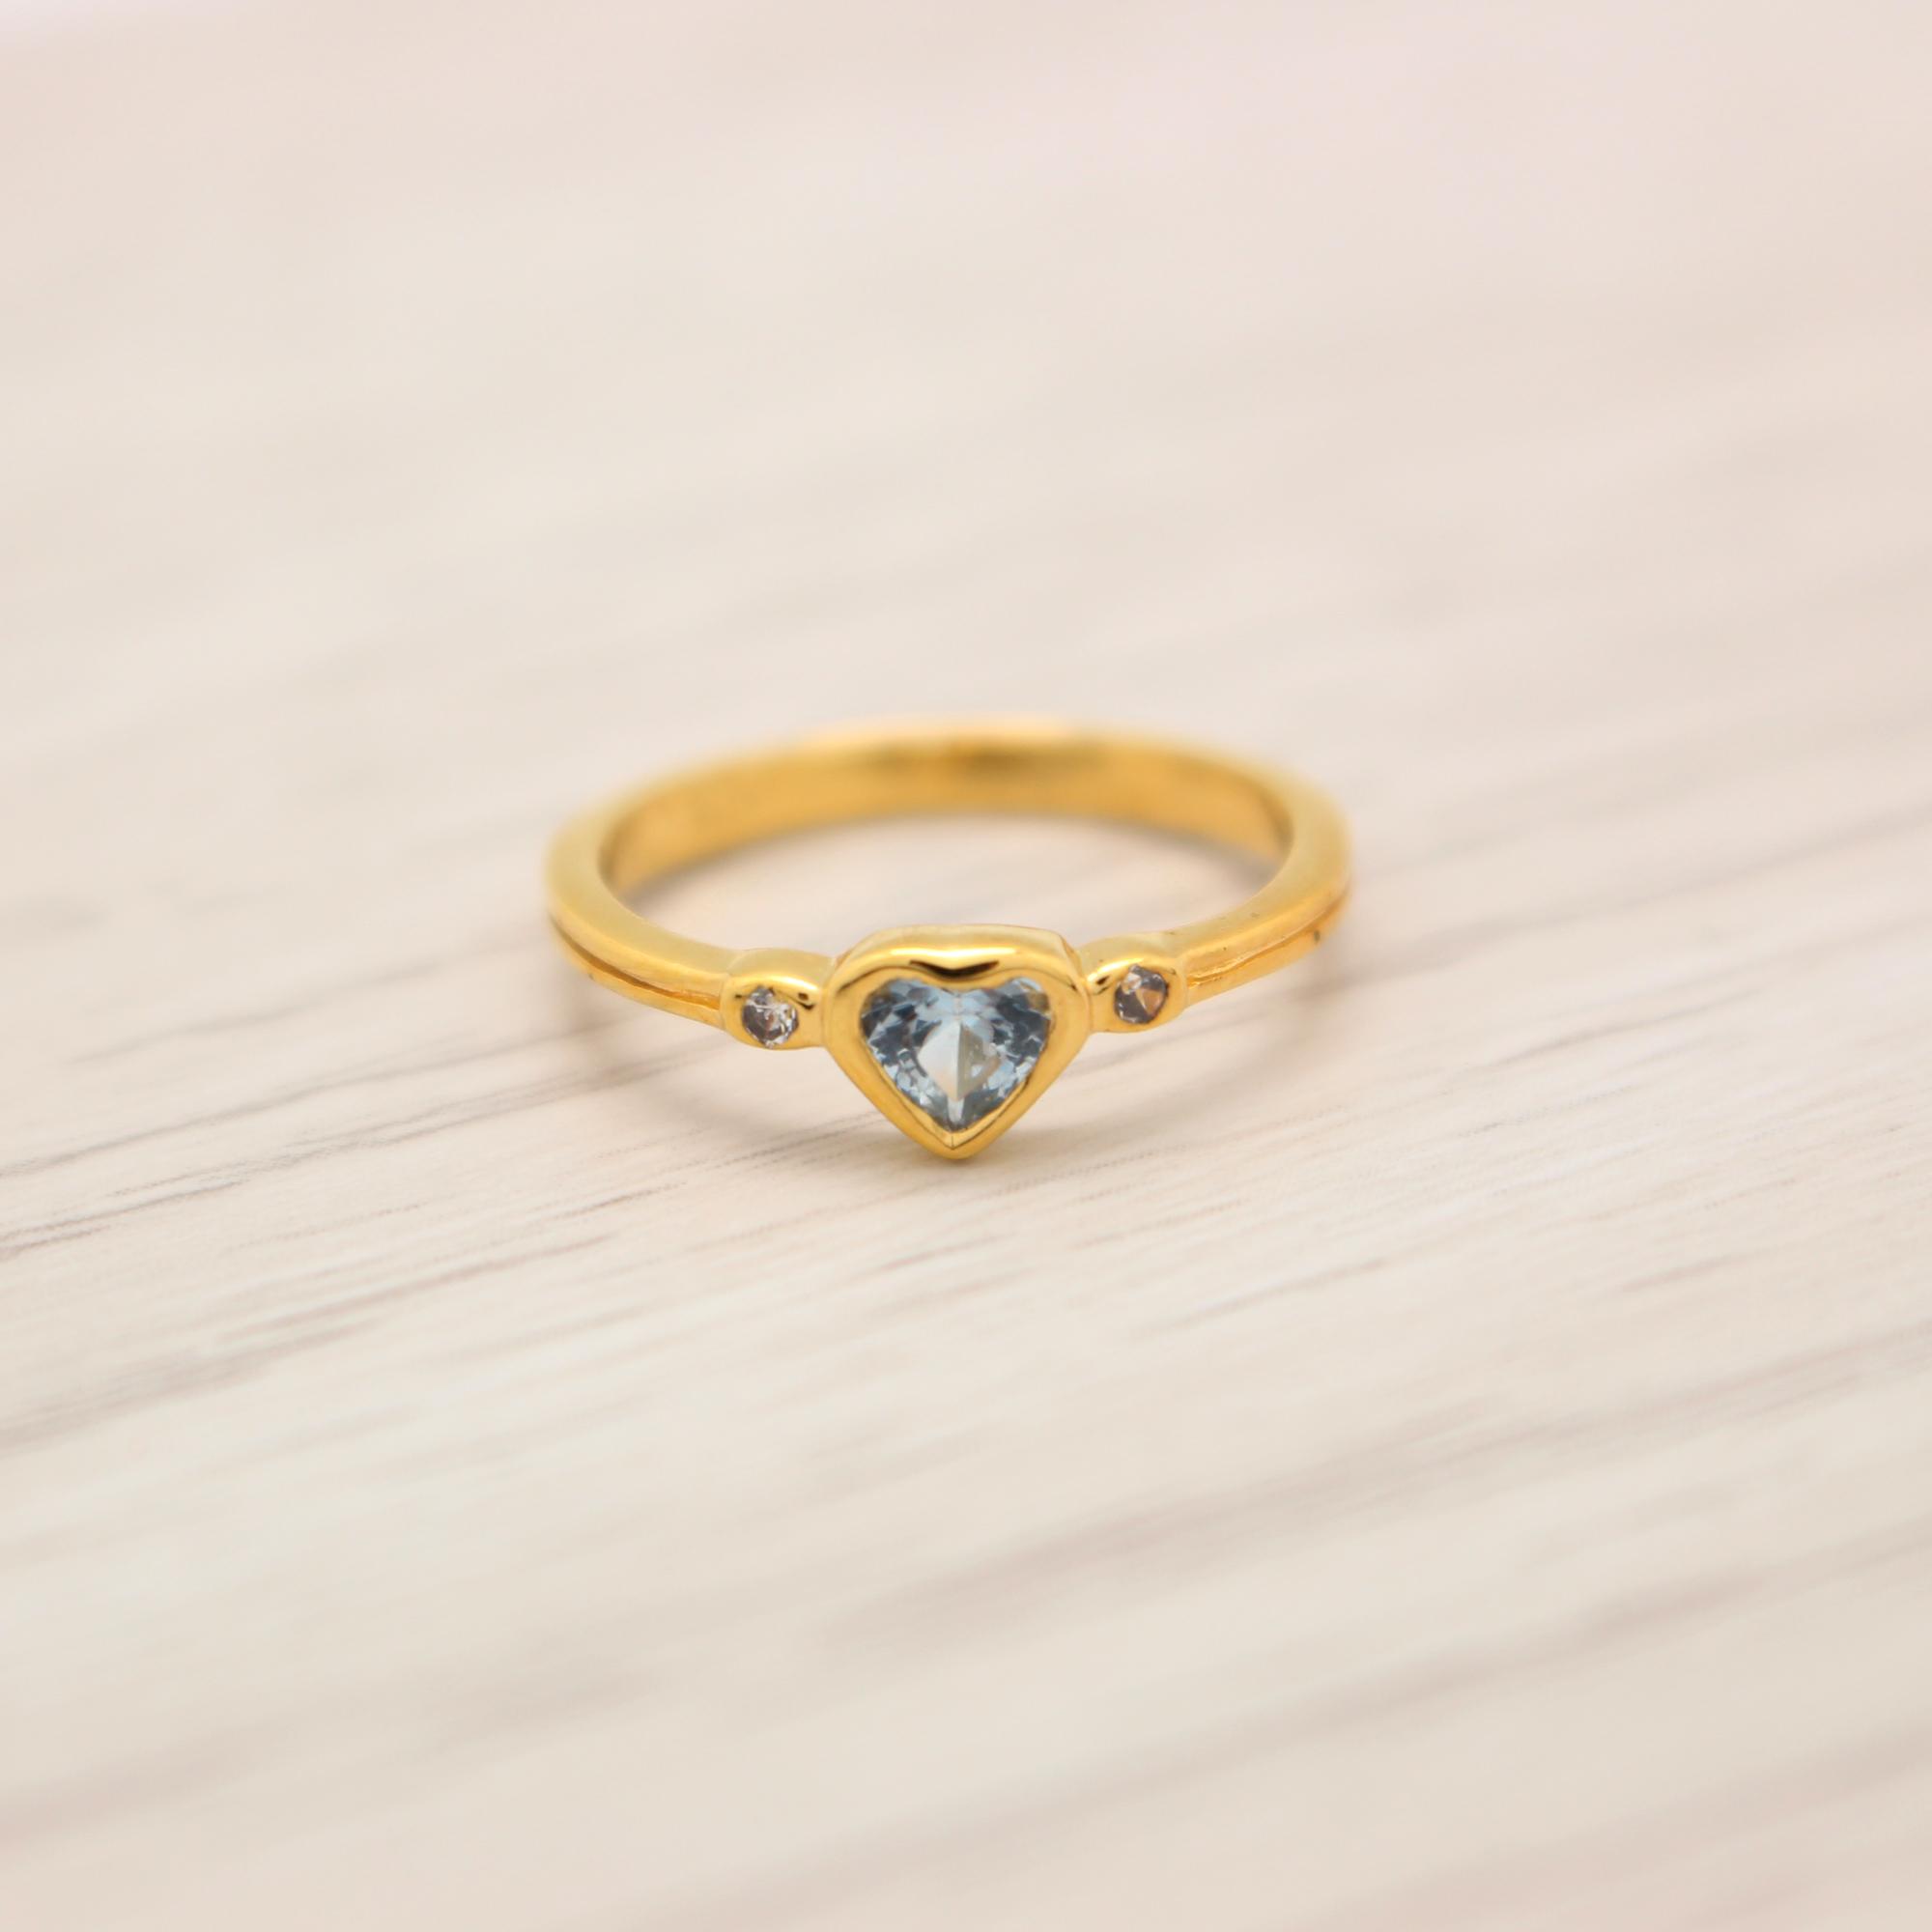 แหวนเพชรCZ สีฟ้า หุ้มทองคำแท้ ไซส์ 51